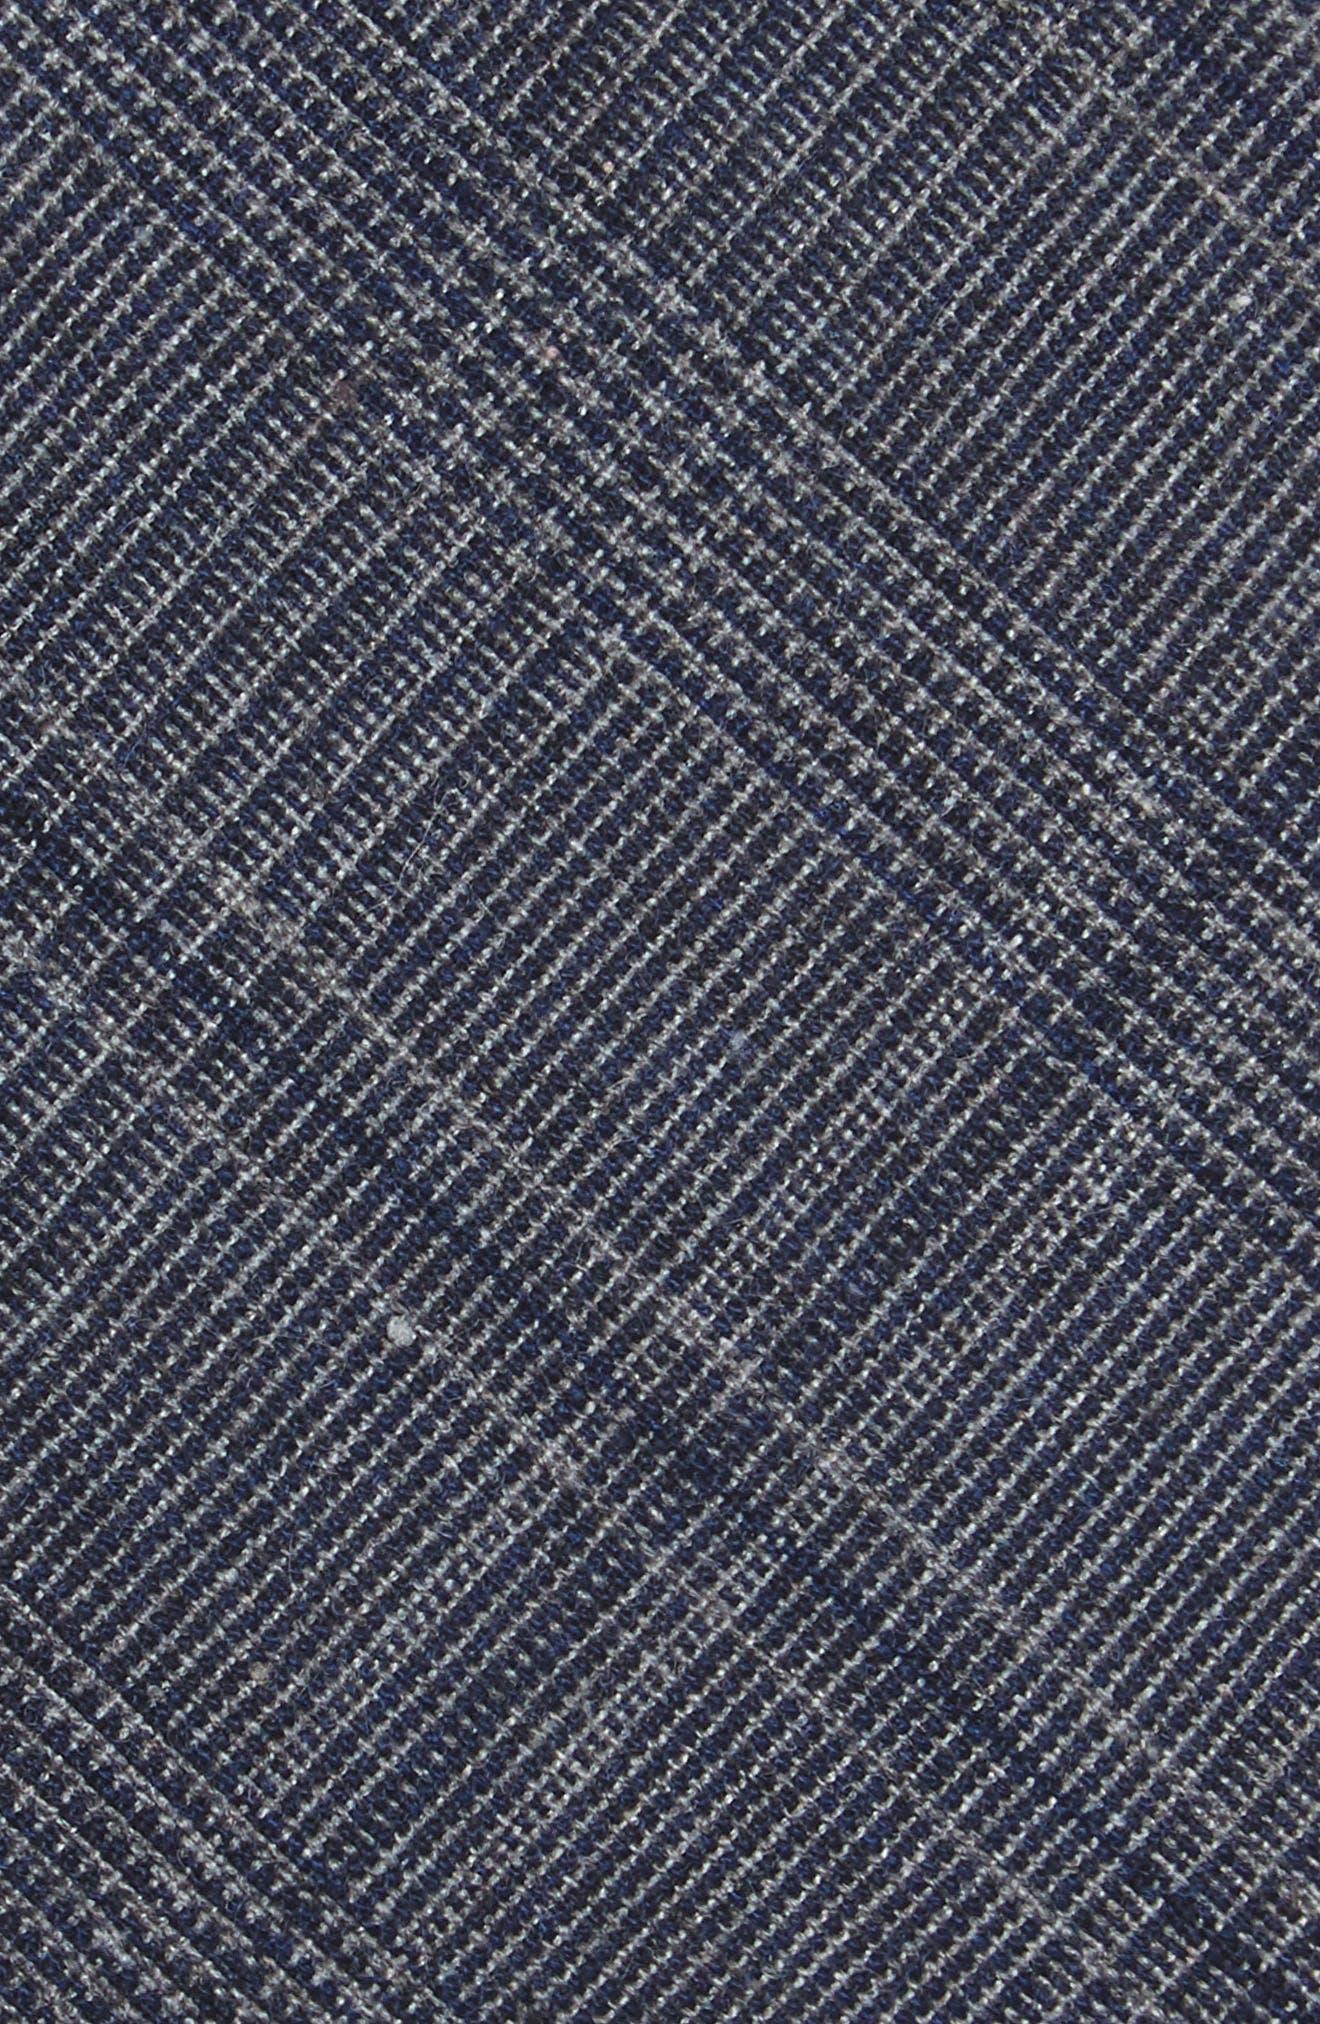 Alternate Image 2  - Nordstrom Men's Shop Cobble Plaid Cotton & Linen Tie